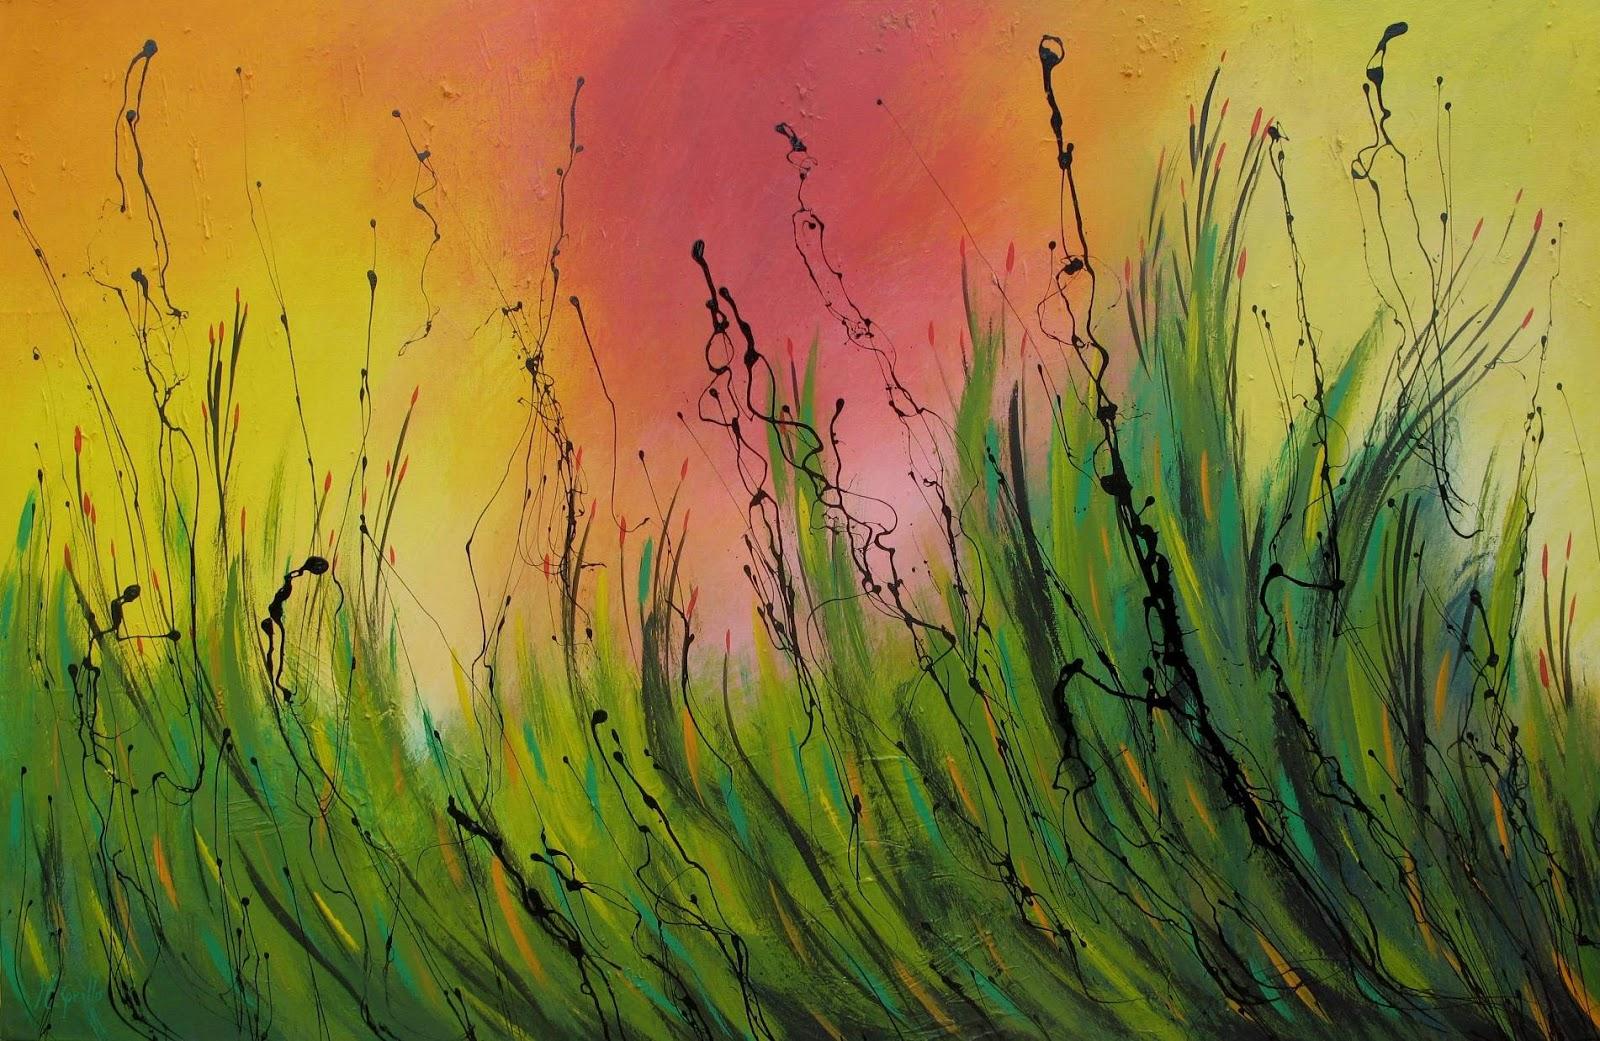 Imagenes hd para cuadros imagui for Imagenes de cuadros abstractos faciles